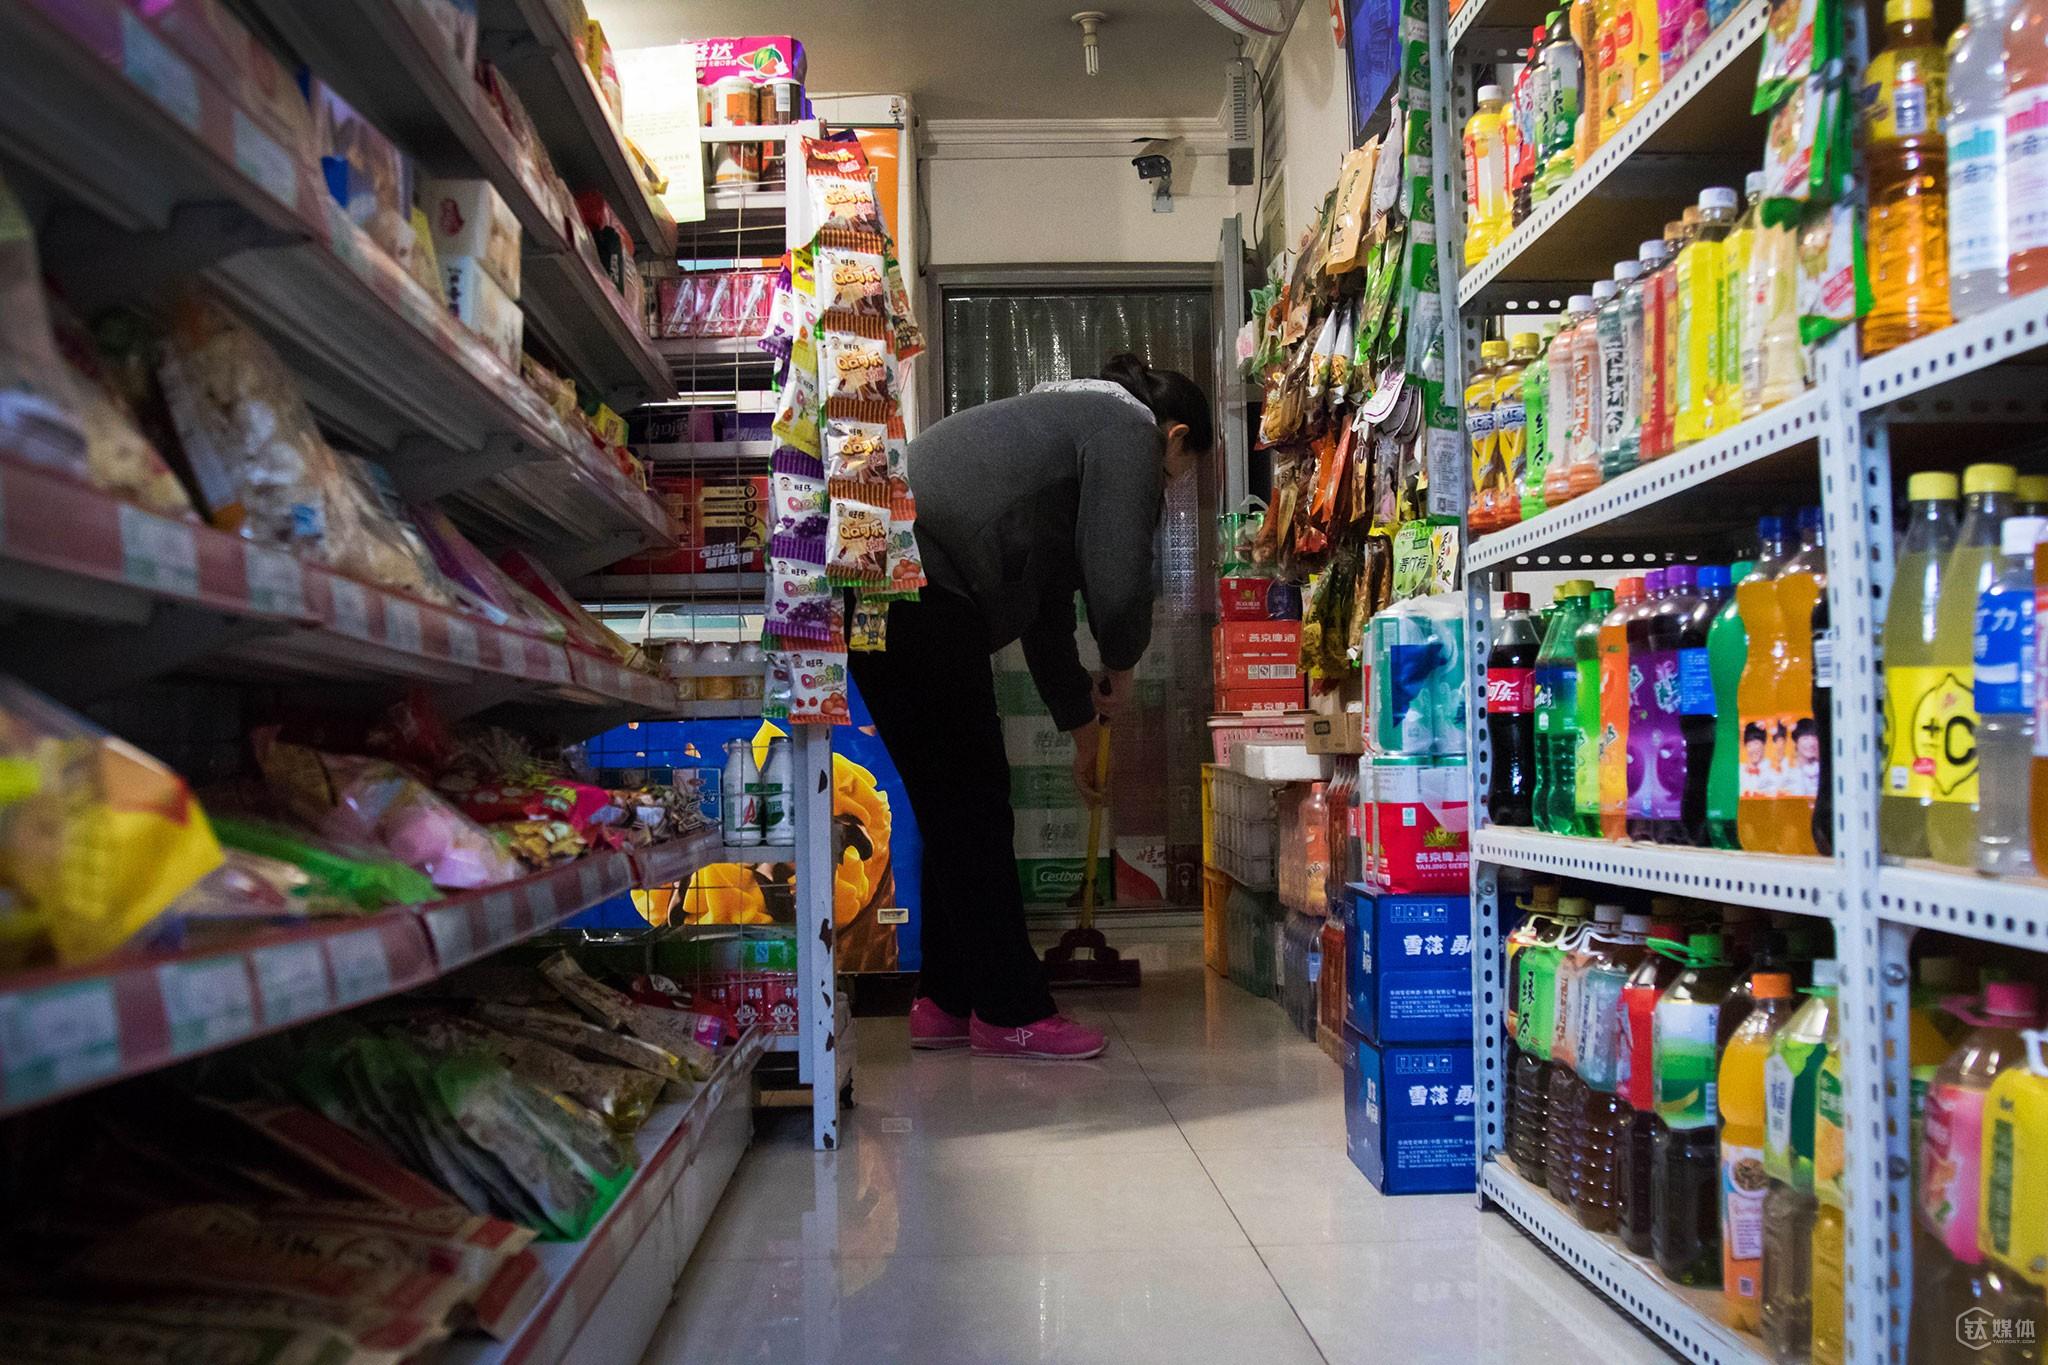 2016年1月15日上午9点半,店主张慧(化名)开始打扫店内卫生。这是一套70平米的两居室,张慧和丈夫唐元(化名)将房子格局稍作改动之后,在这里开起了便利店,小店主要卖饮料、零食、烟酒、简单的生活用品等。